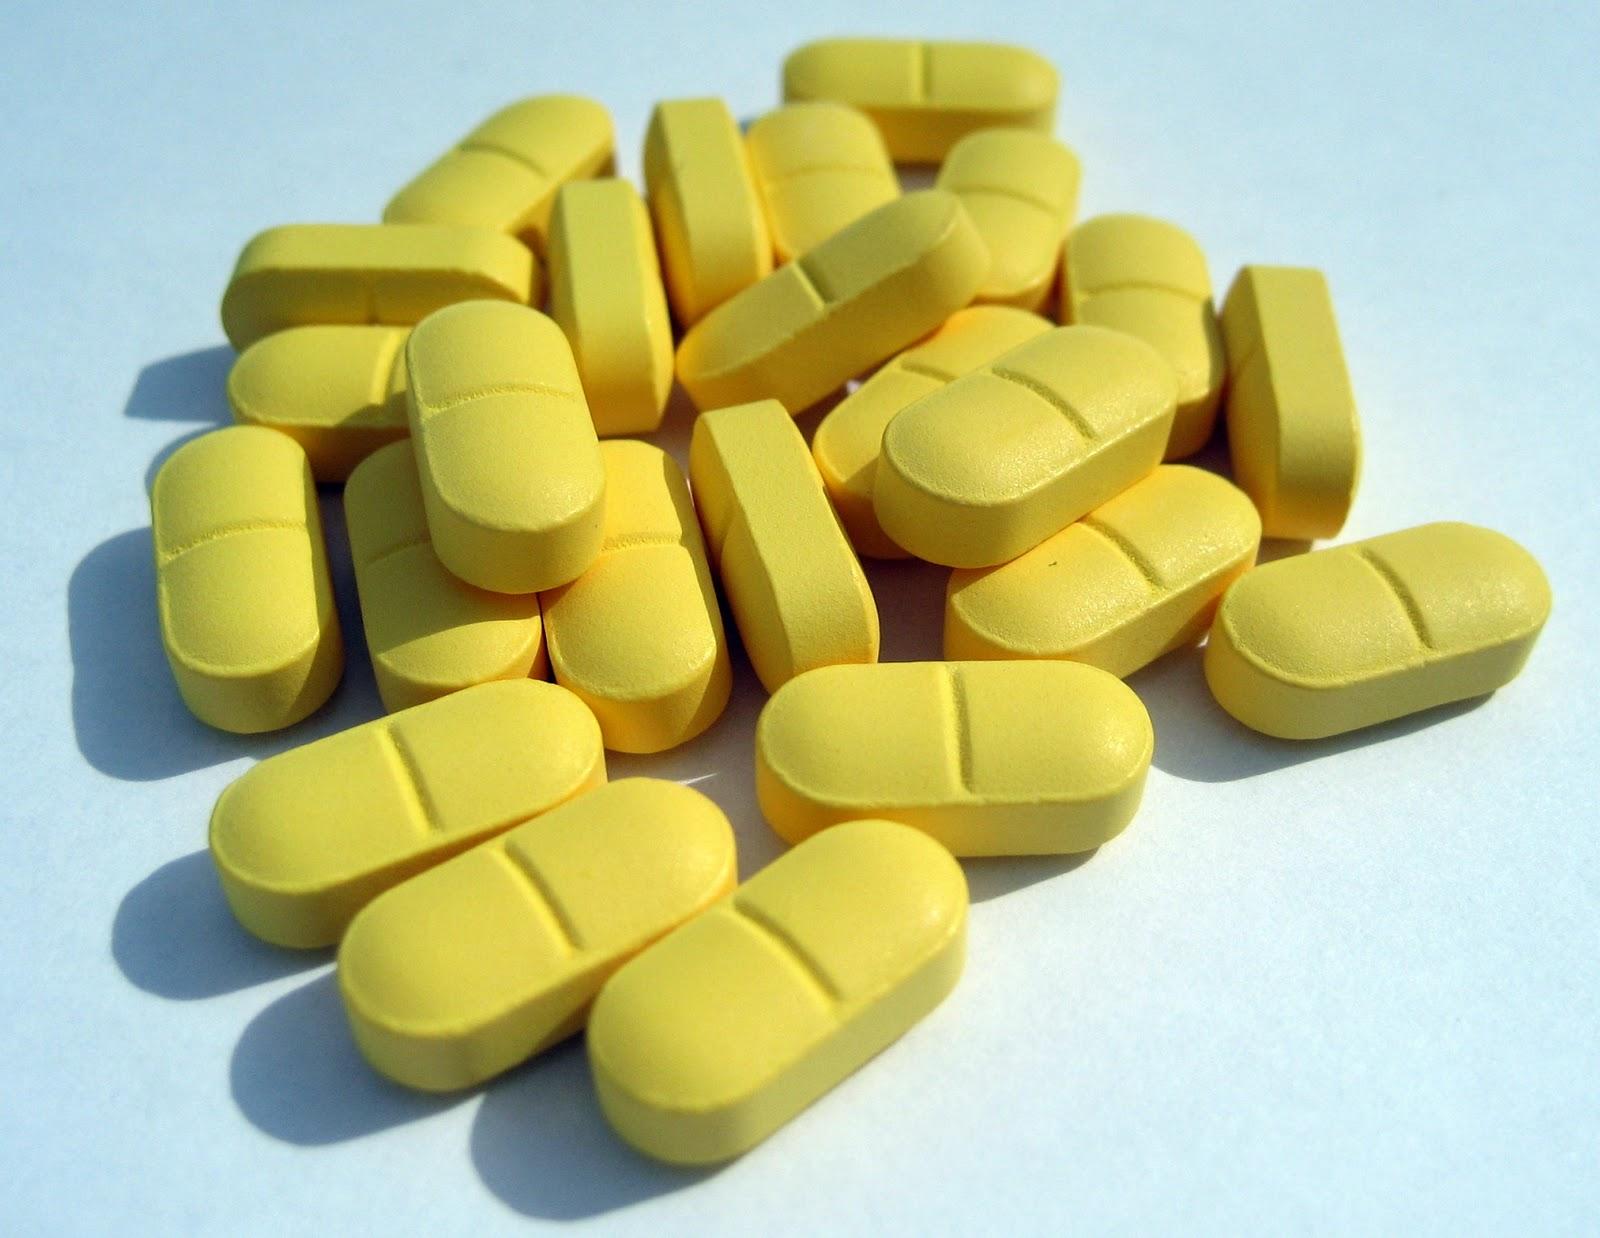 comprimido de Tadalafila